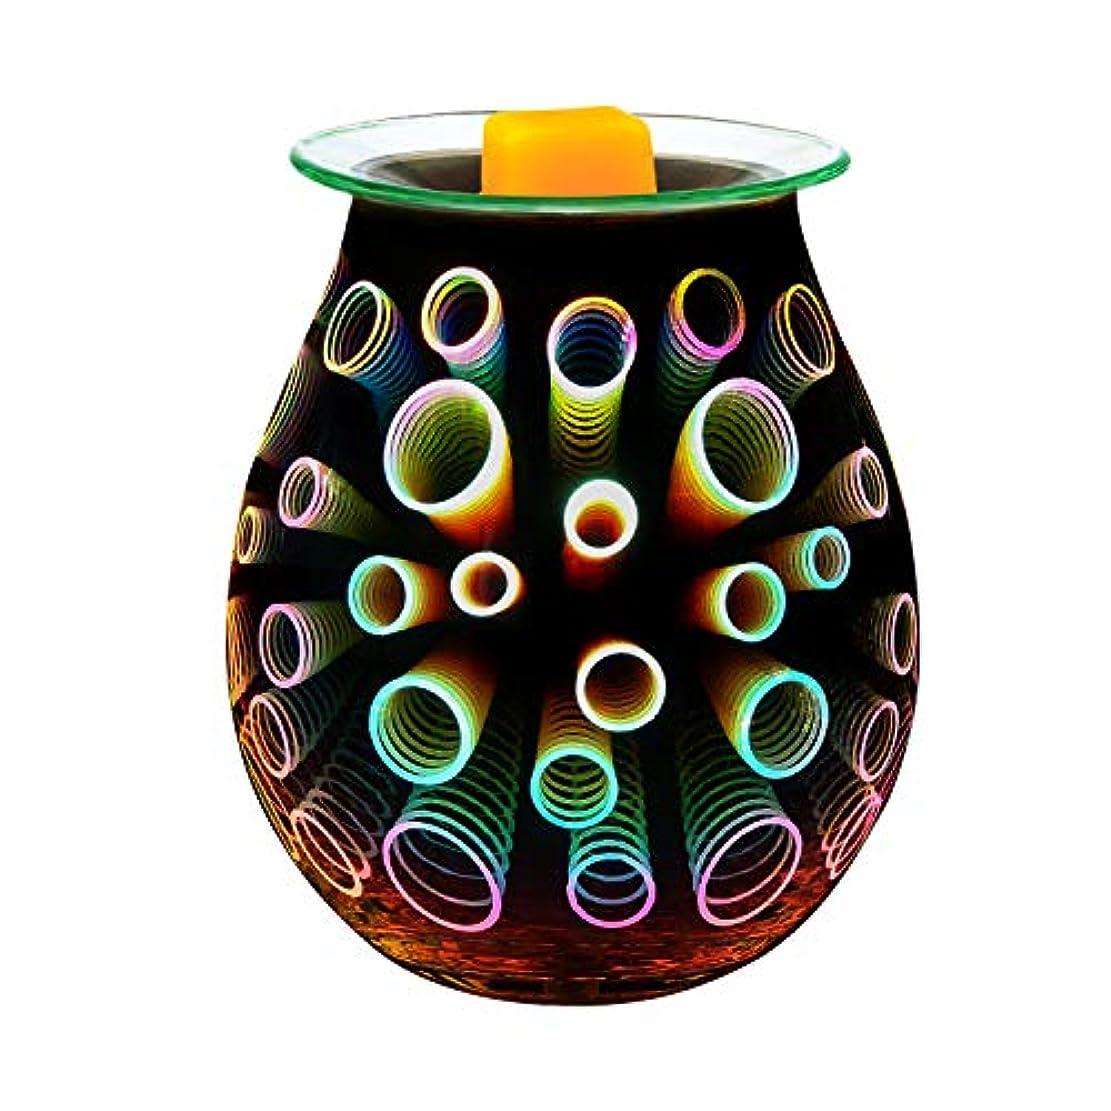 汚れるキャンベラ動物園COOSA Electric Oil Warmer、美しいガラスワックスTart Burner夜ライトアロマ装飾ランプwith 3d効果のGifts & Decor EL0717_US